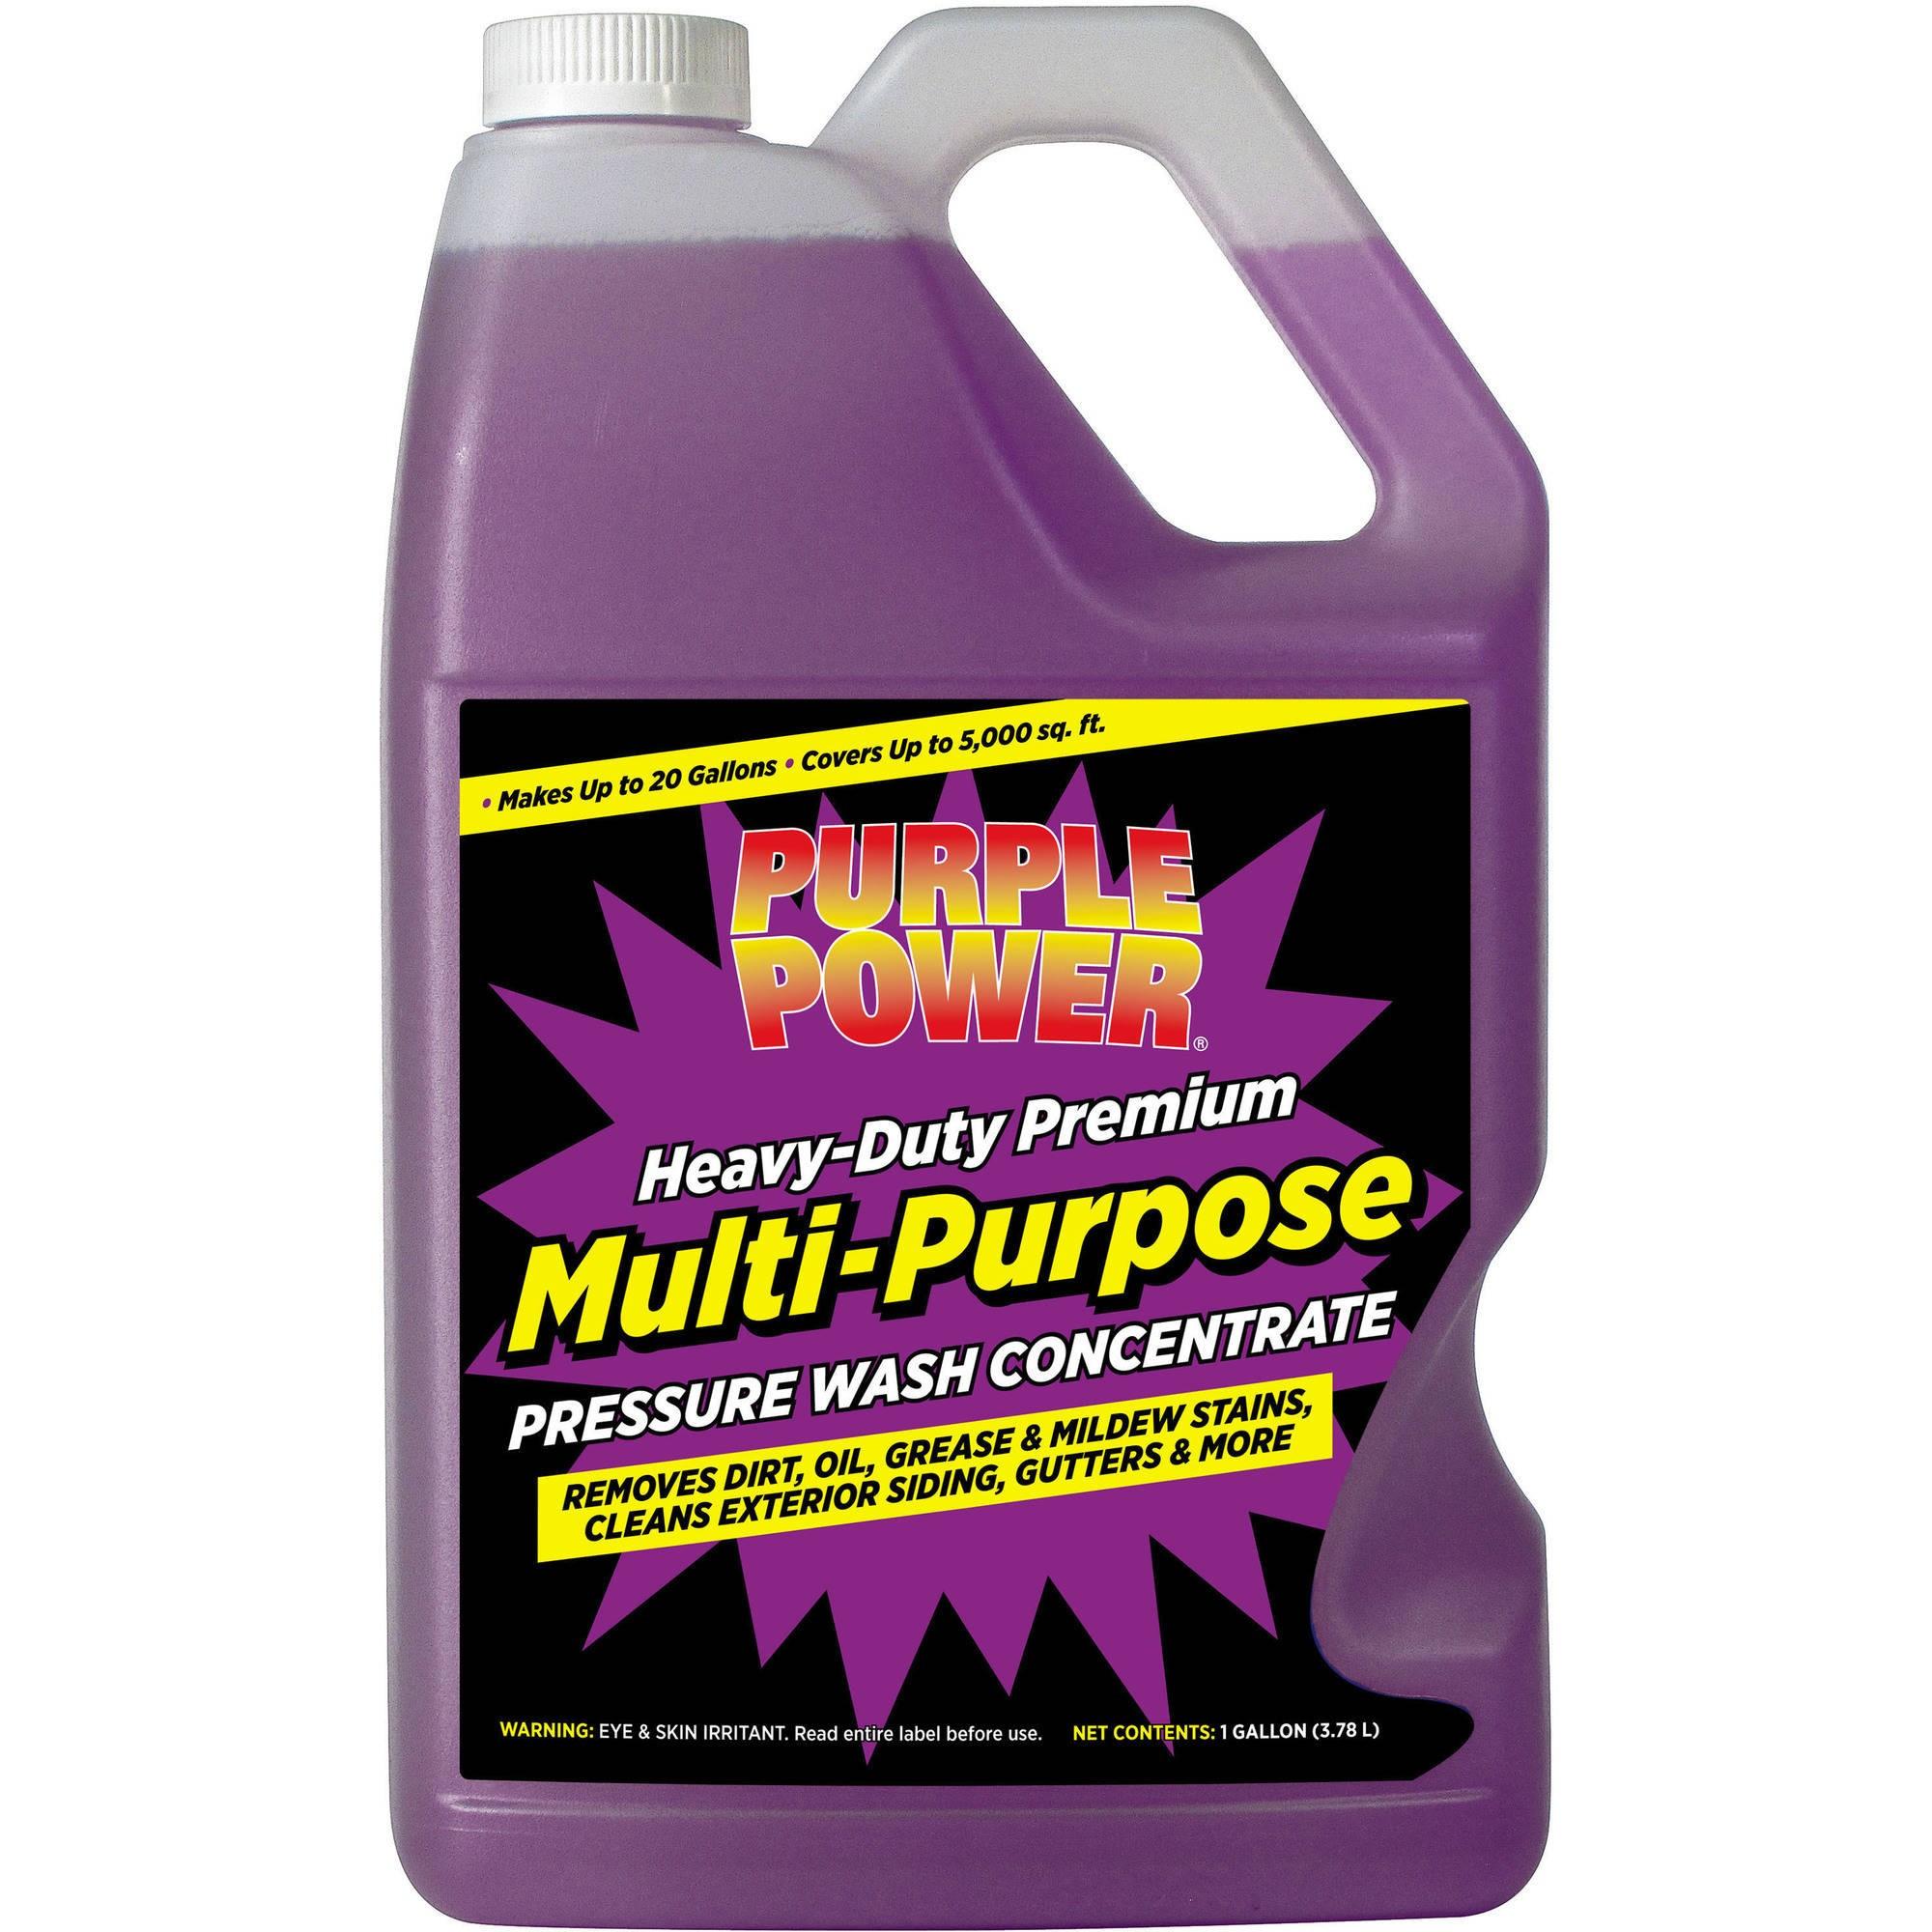 Purple Power Heavy-Duty Premium Multi-Purpose Pressure Wash